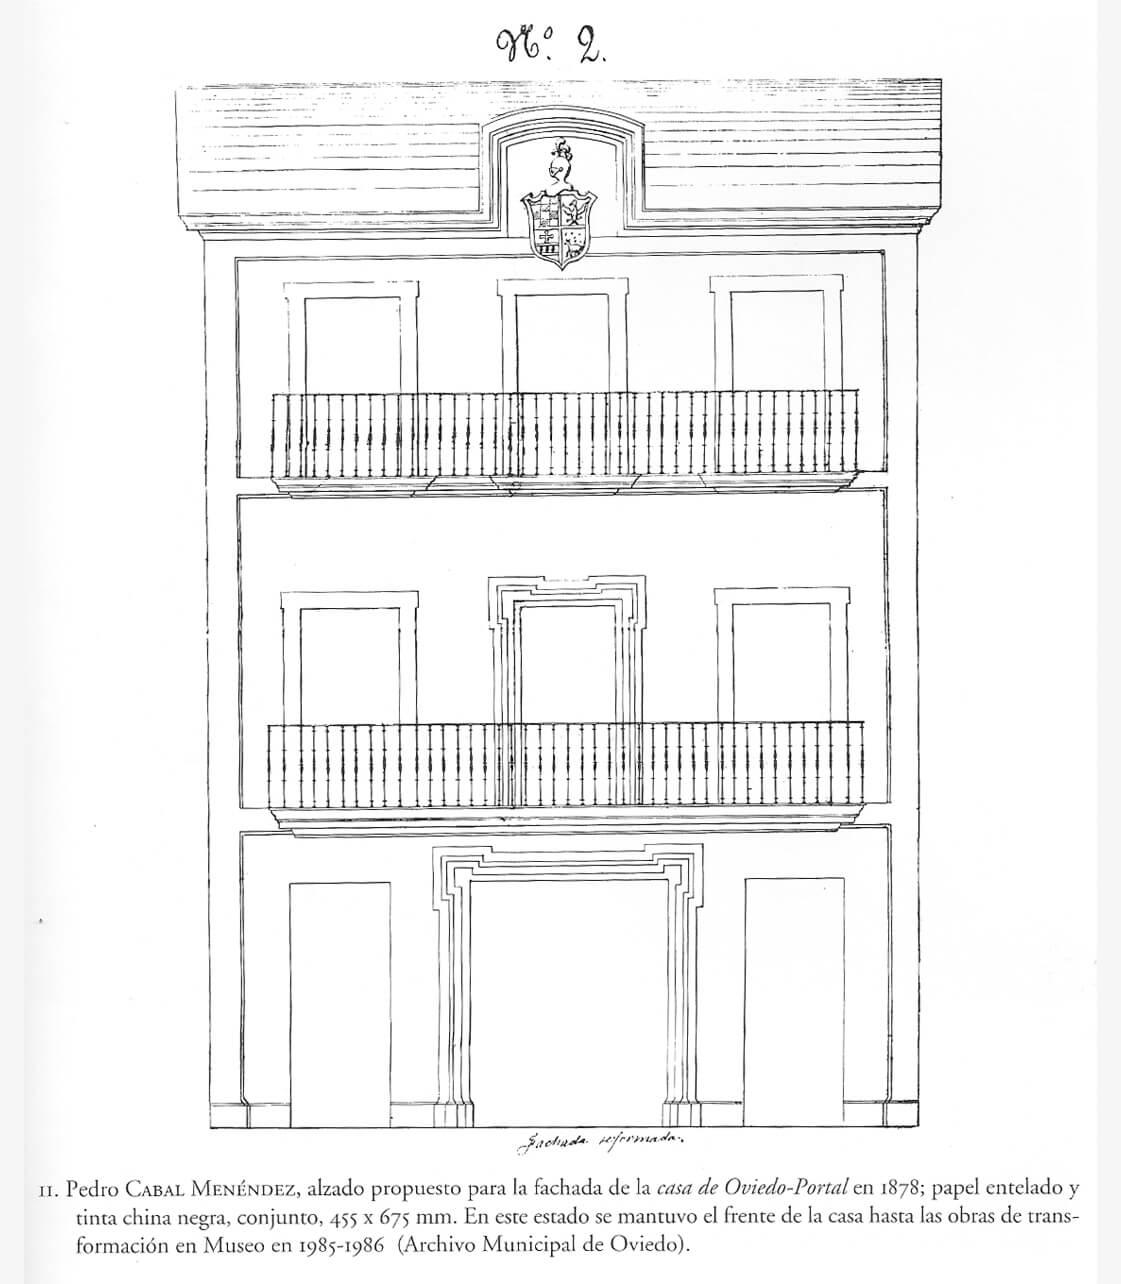 Alzado propuesto de la Casa de Oviedo-Portal por Pedro Cabal (1878)